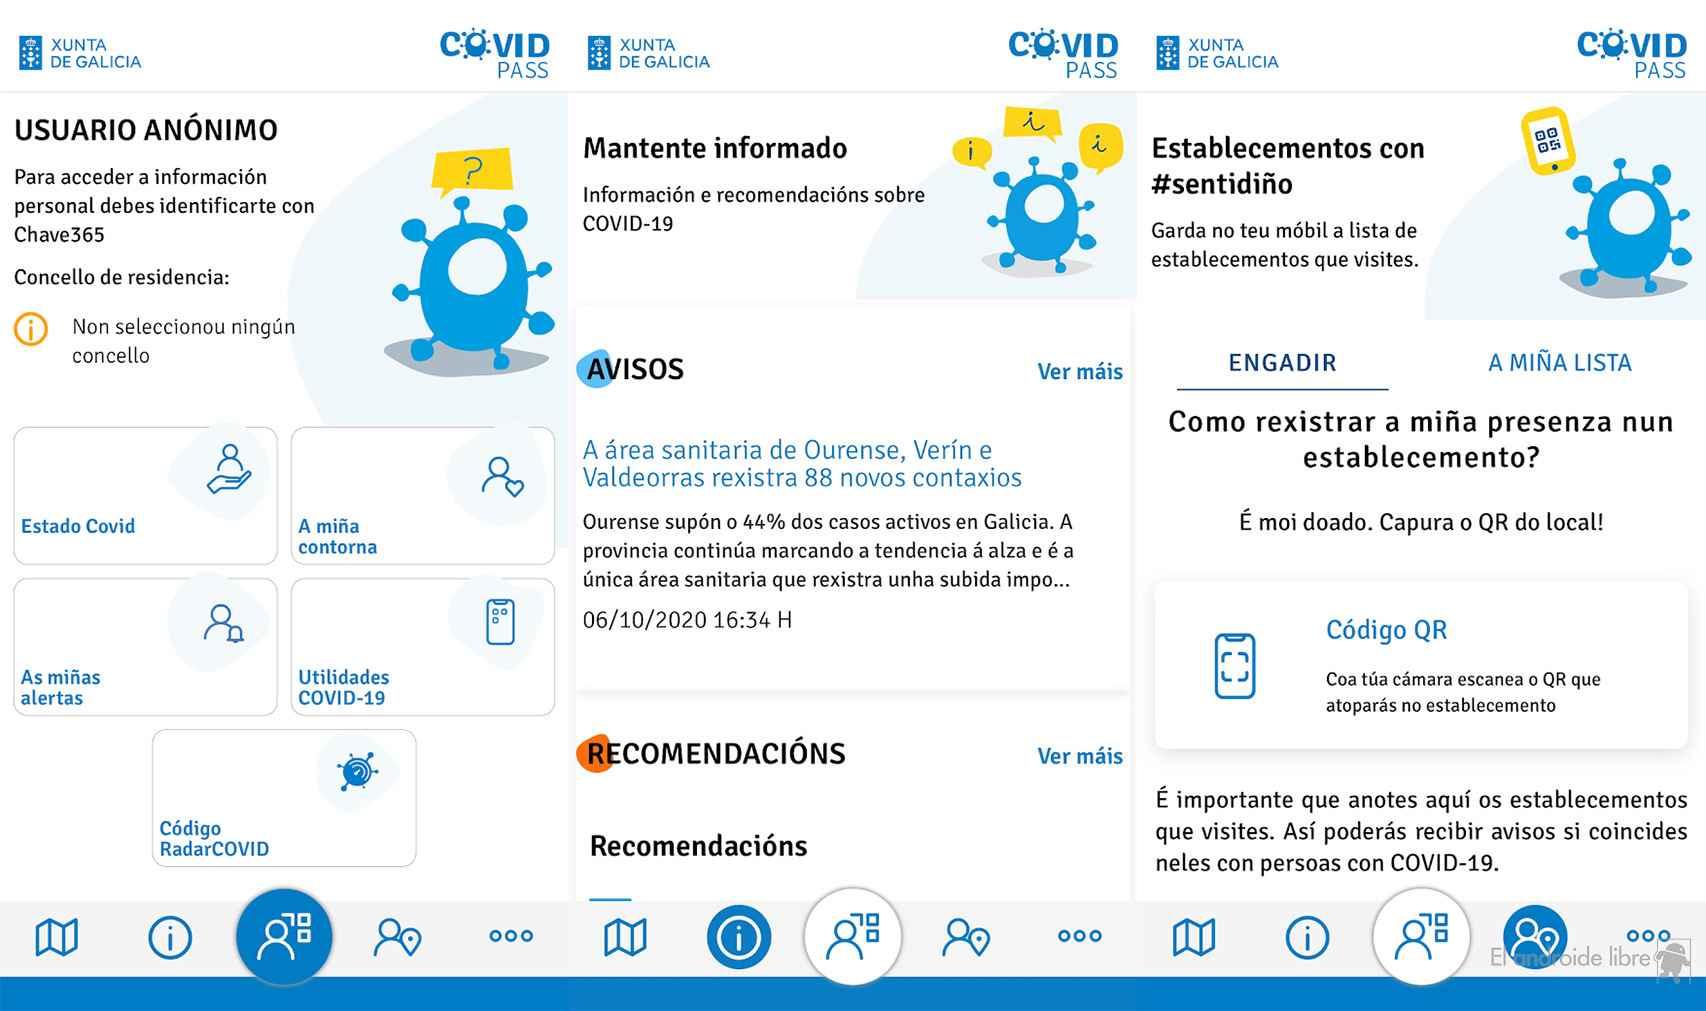 La app de la Xunta Galicia